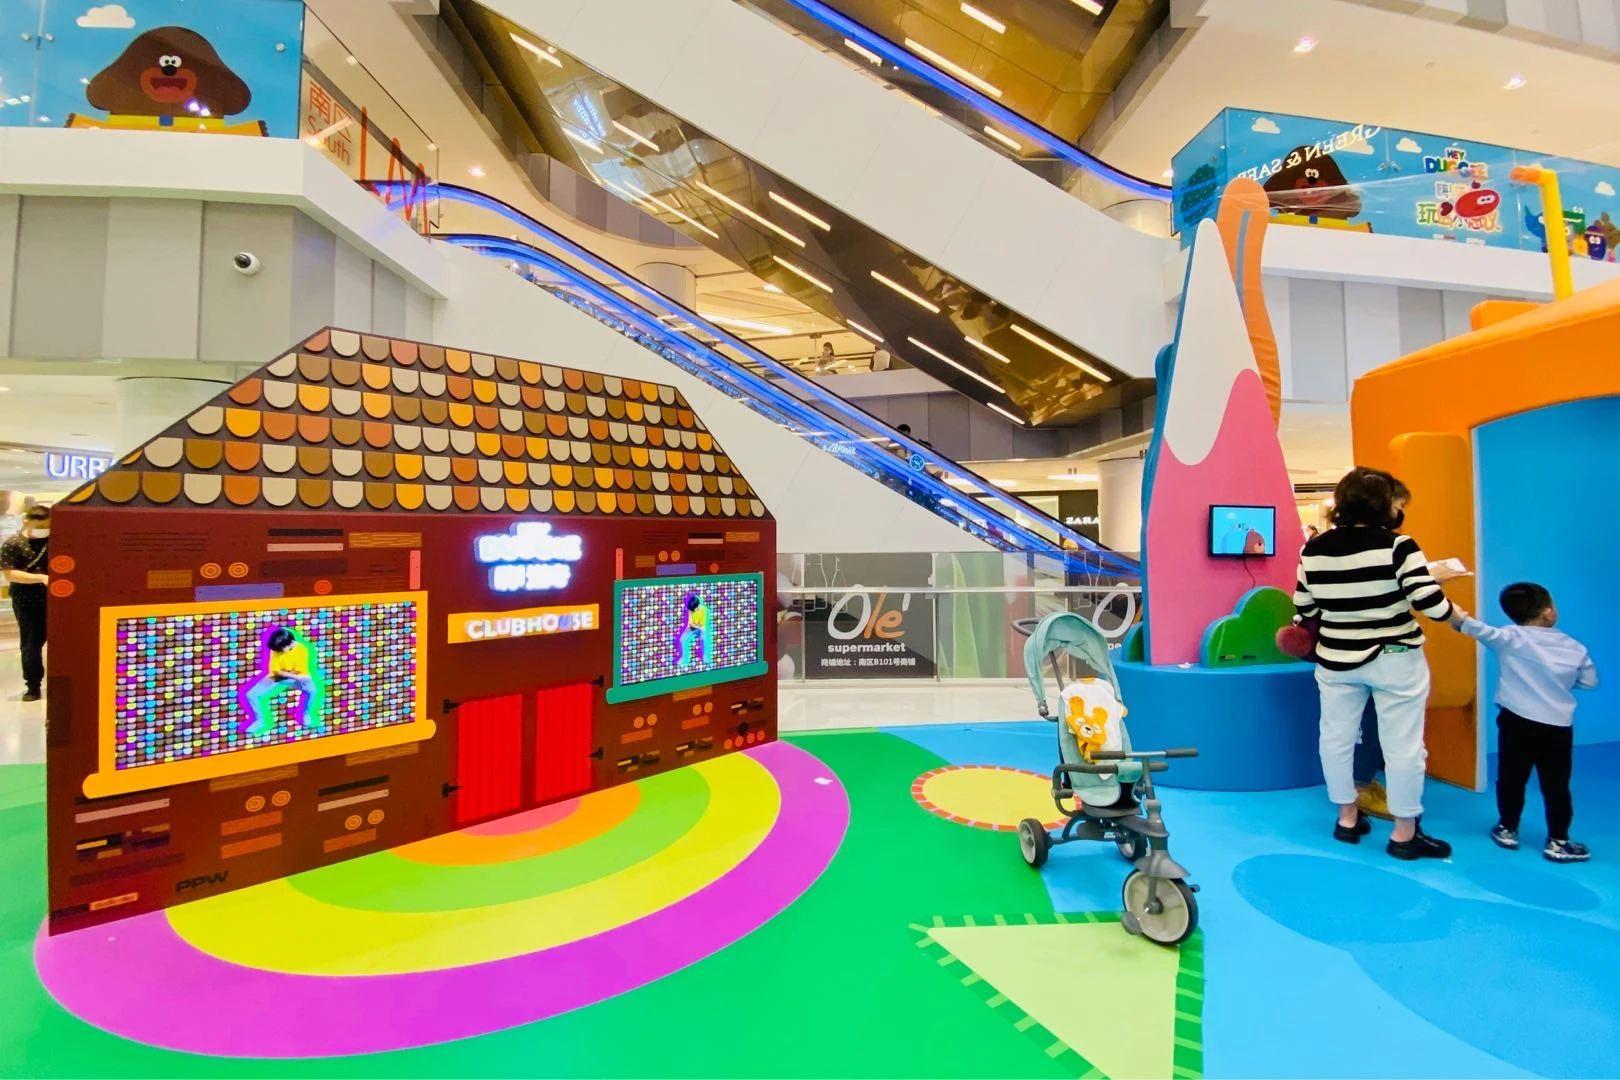 动画片主题展览活动策划7组互动游戏,新一轮寓教于乐主题展